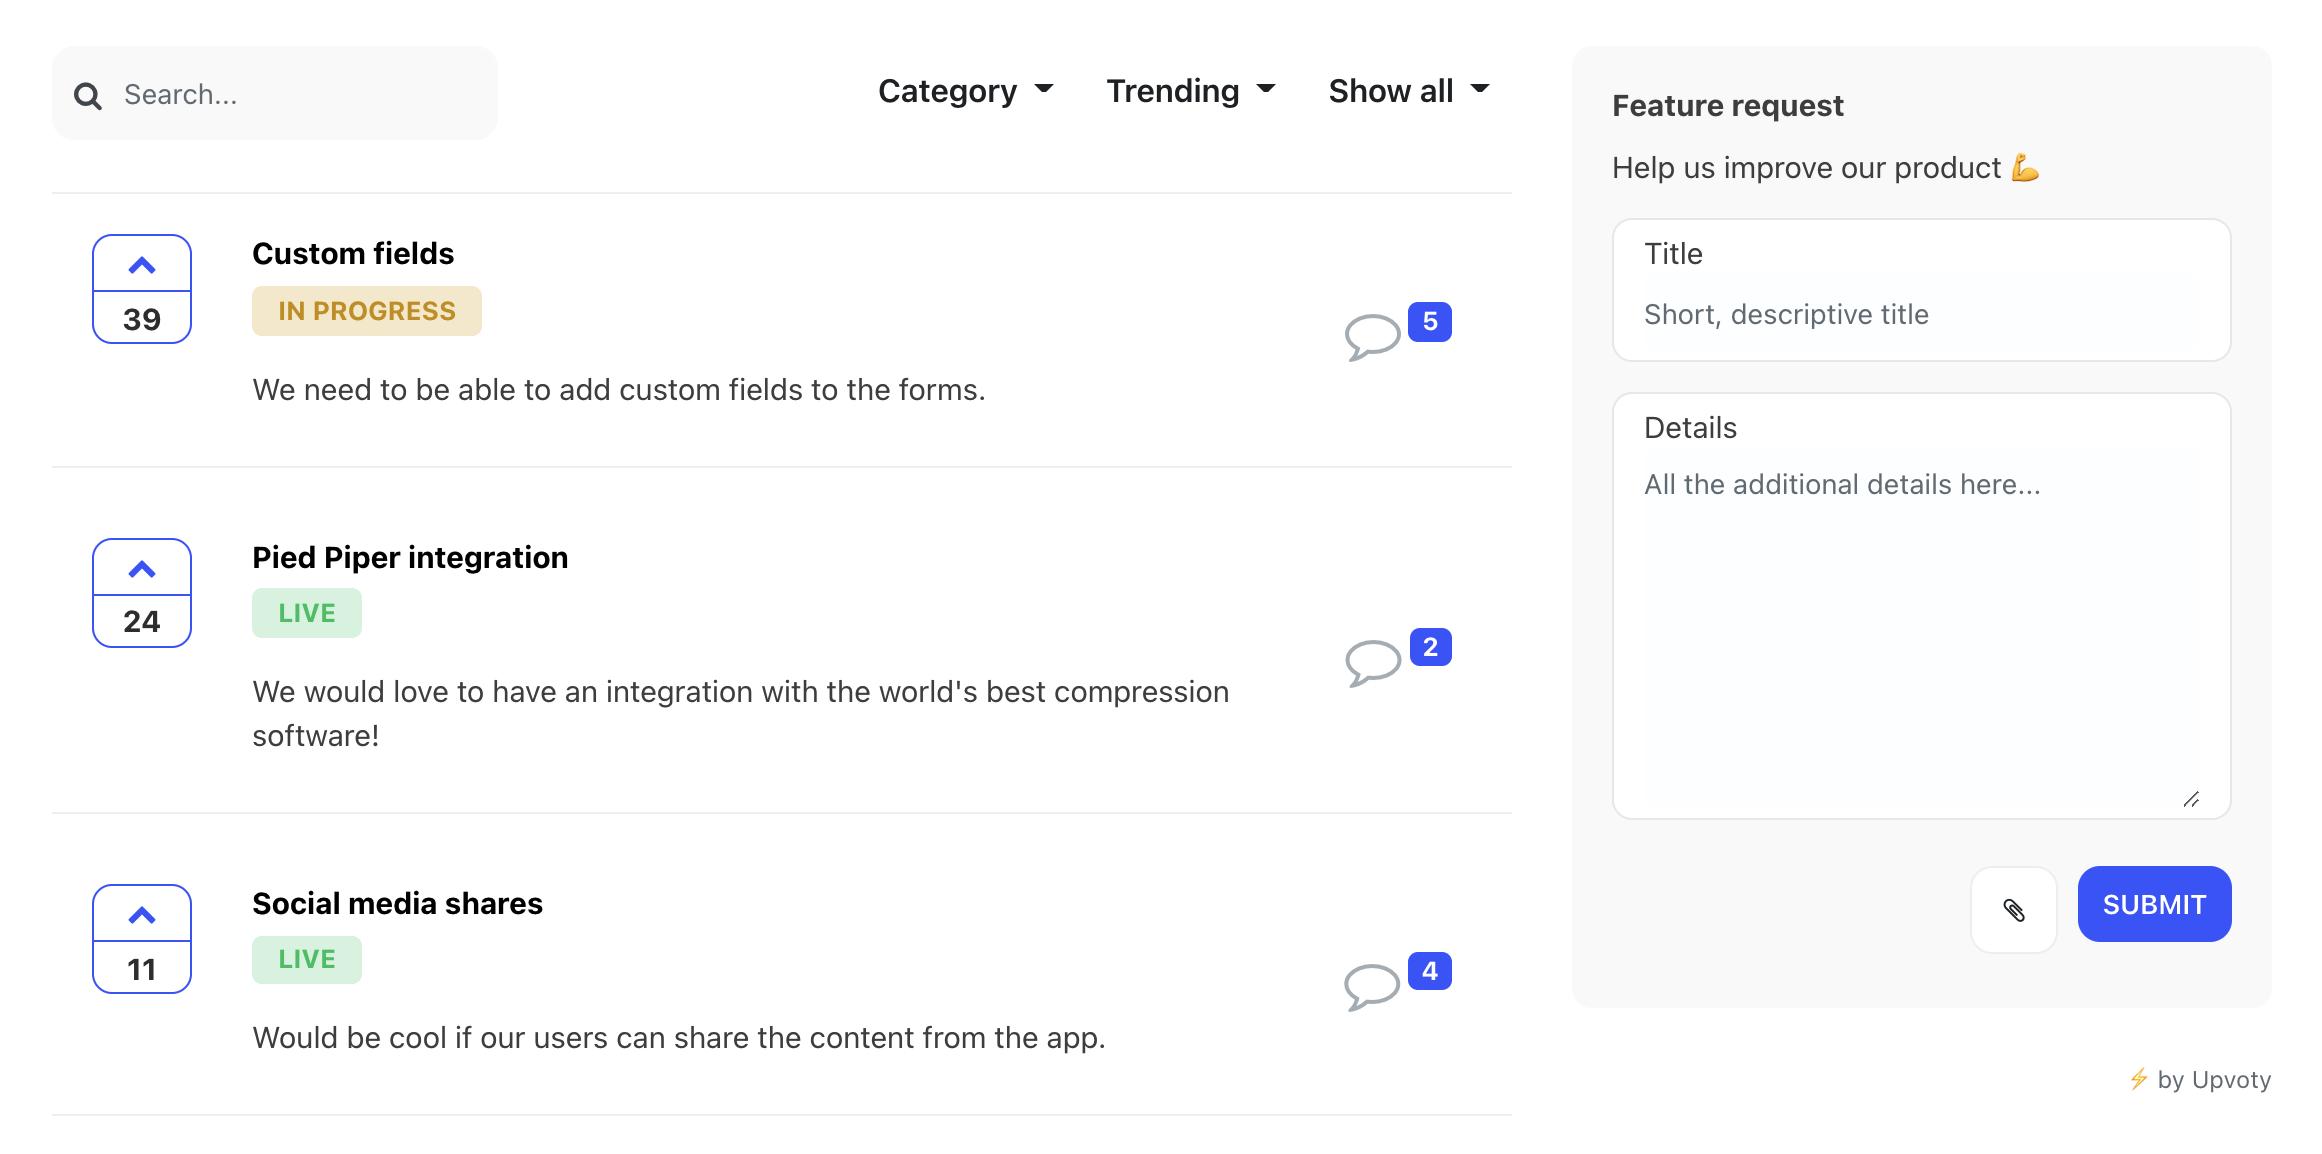 Upvoty feedback software